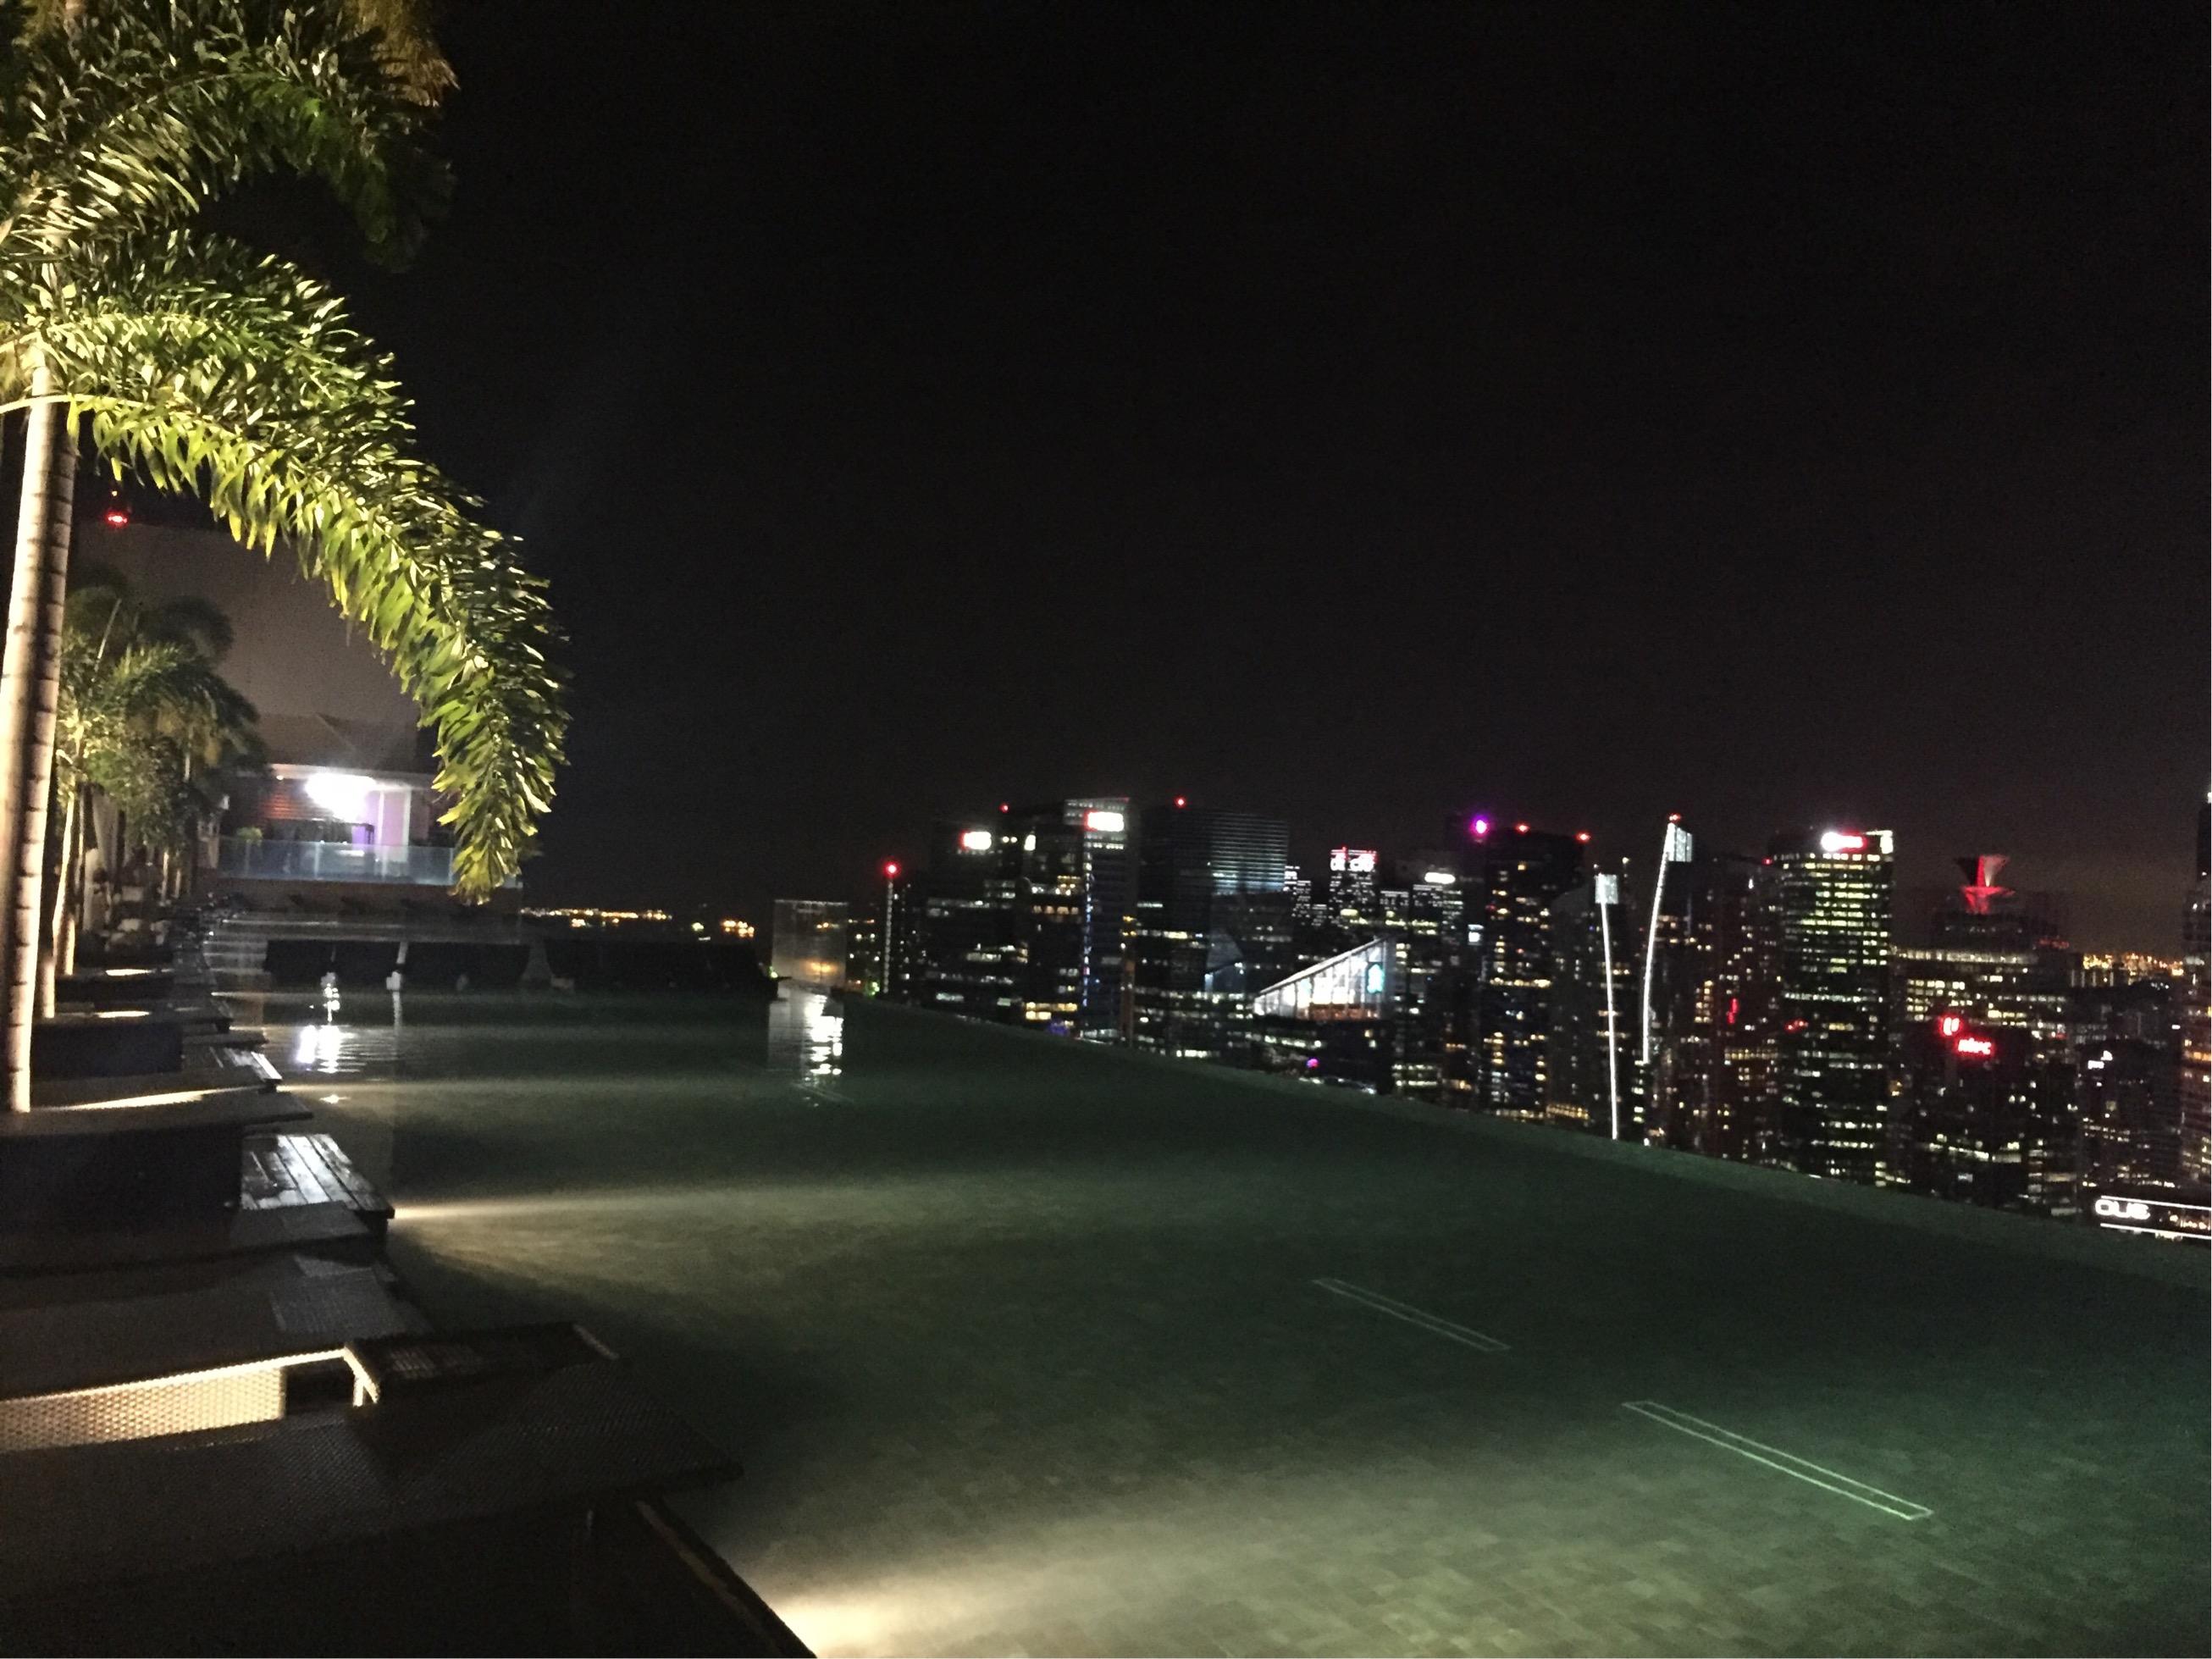 マリーナベイサンズ宿泊者限定! 屋上プールの楽しみ方【シンガポール旅行】